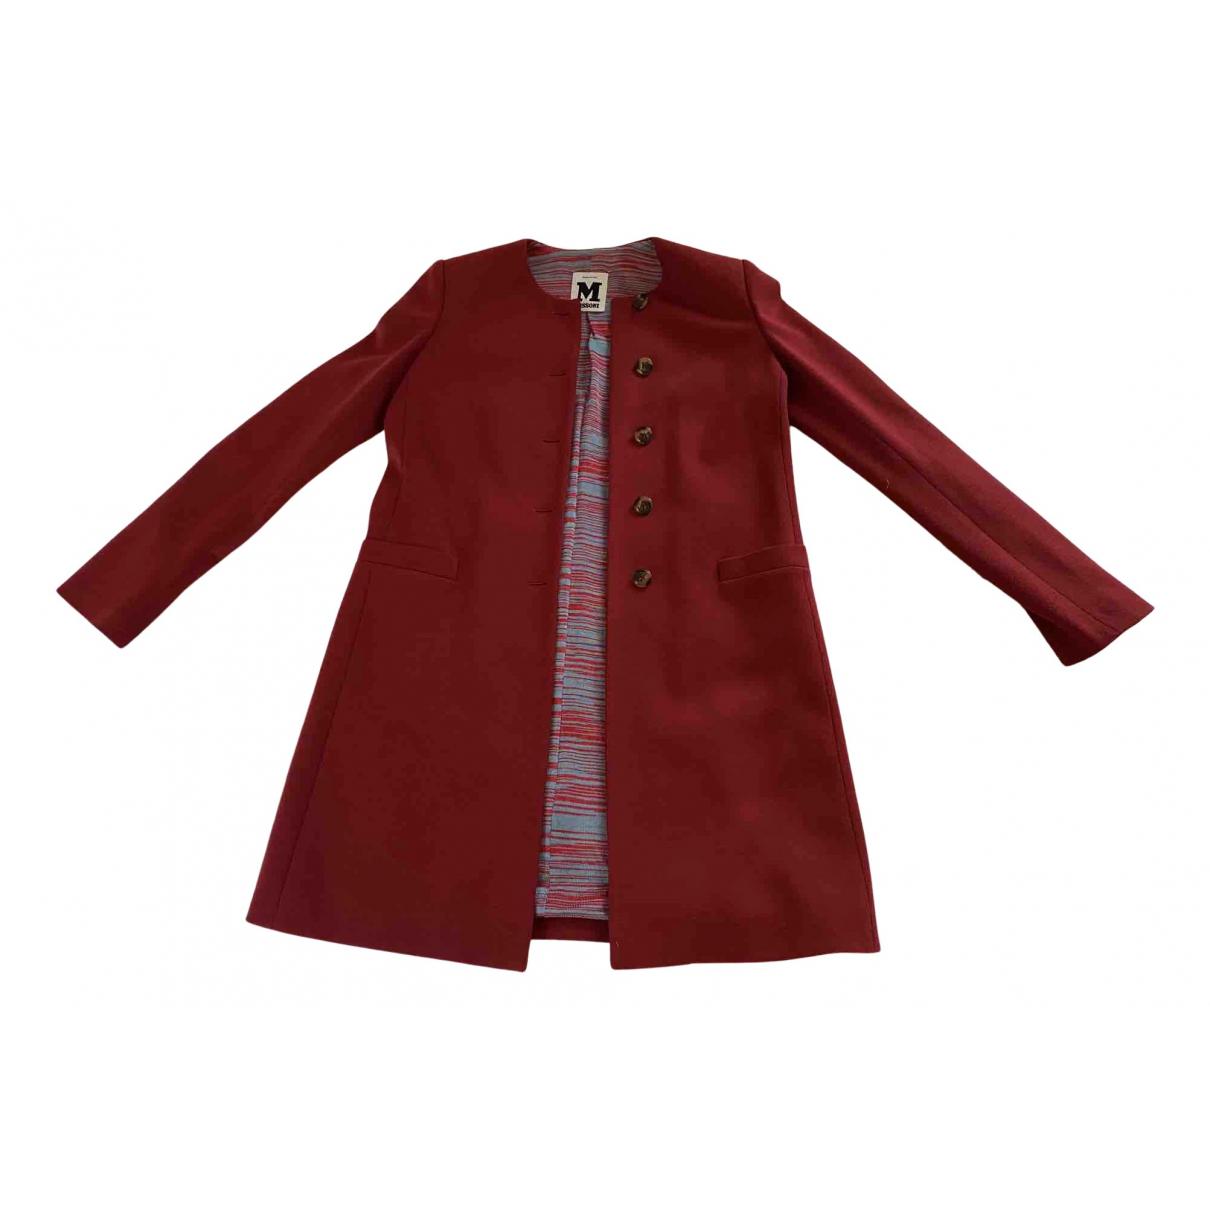 M Missoni - Manteau   pour femme en laine - rouge